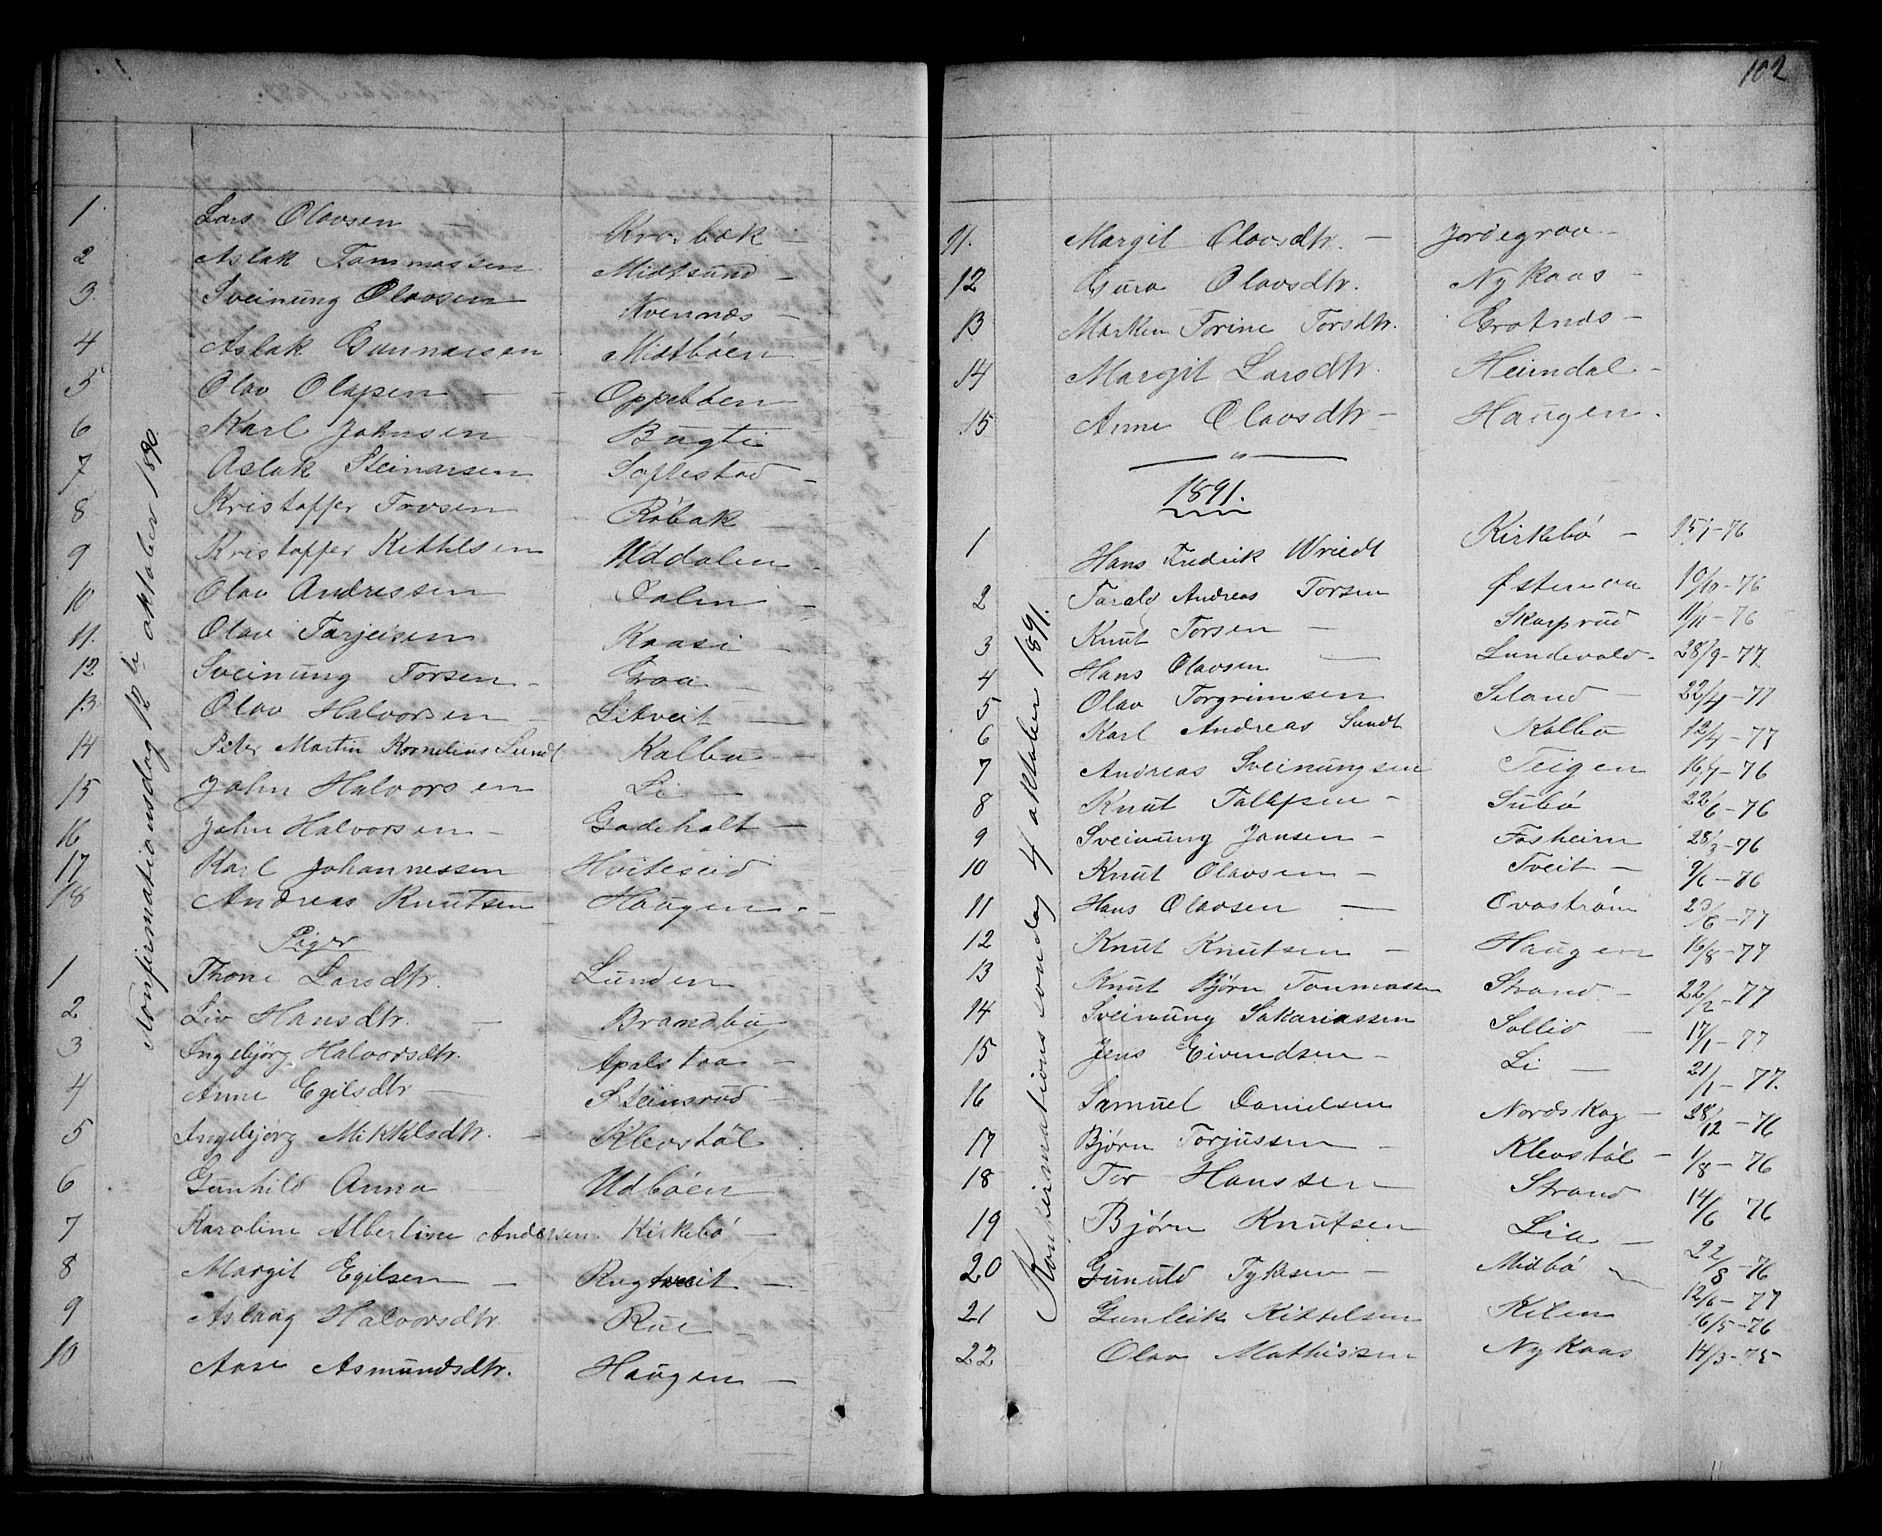 SAKO, Kviteseid kirkebøker, G/Ga/L0001: Klokkerbok nr. I 1, 1850-1893, s. 102